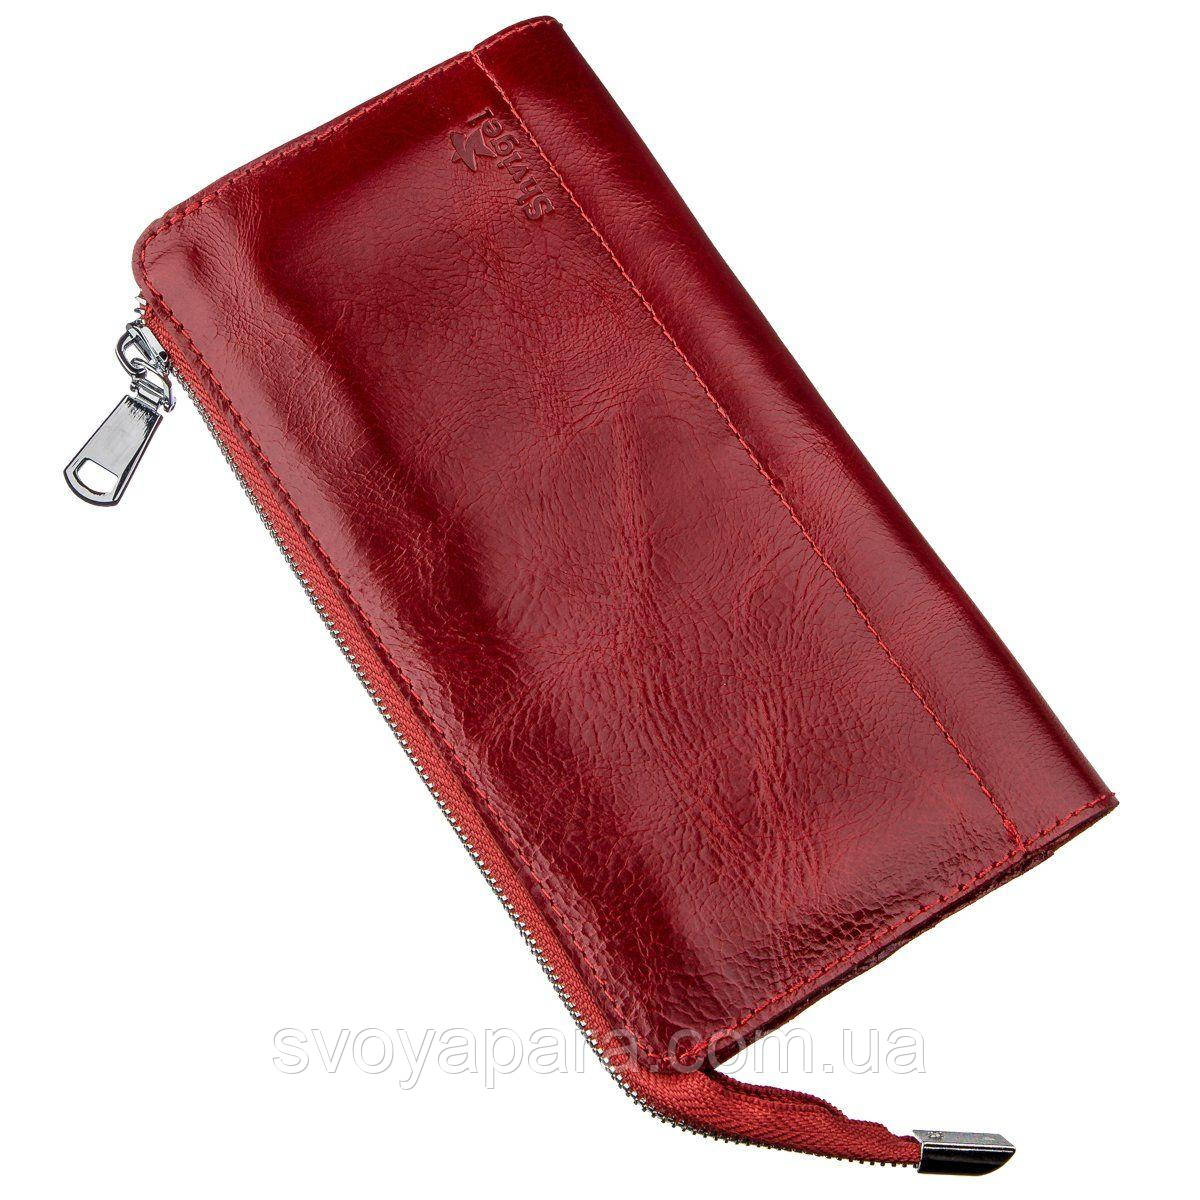 Яркий женский клатч кожаный SHVIGEL 16185 Красный